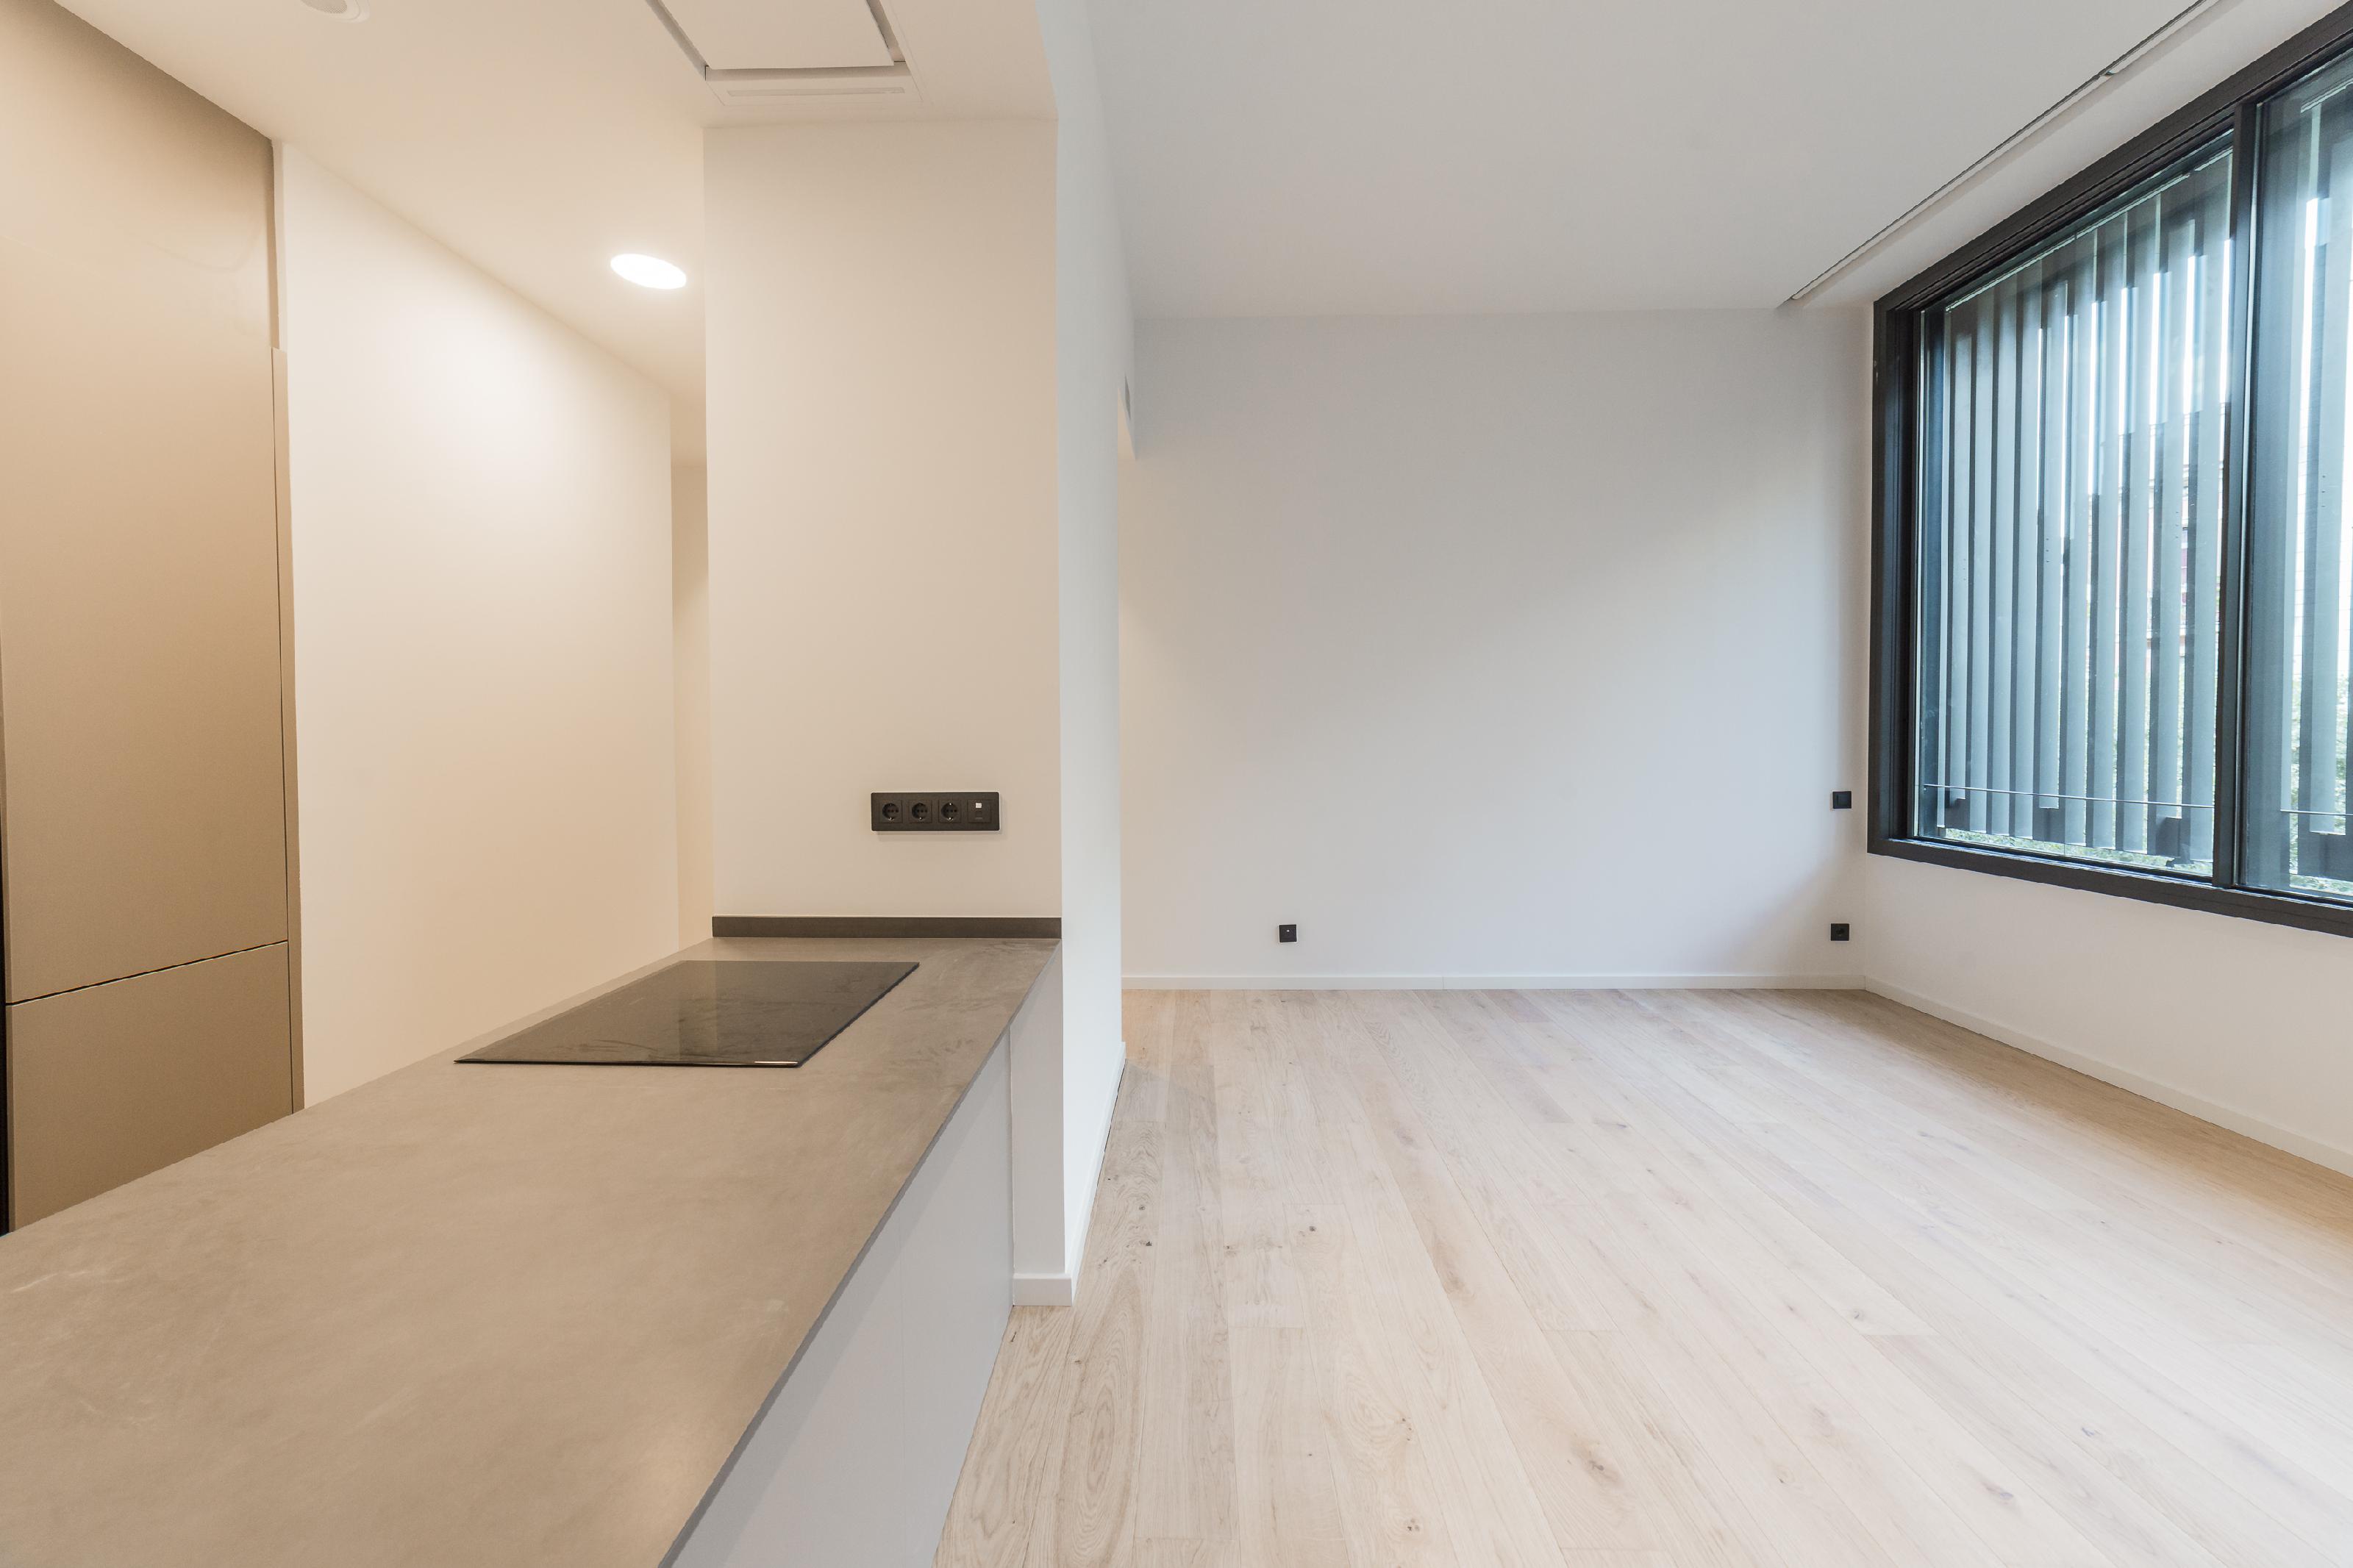 251949 Apartment for sale in Eixample, Antiga Esquerre Eixample 10